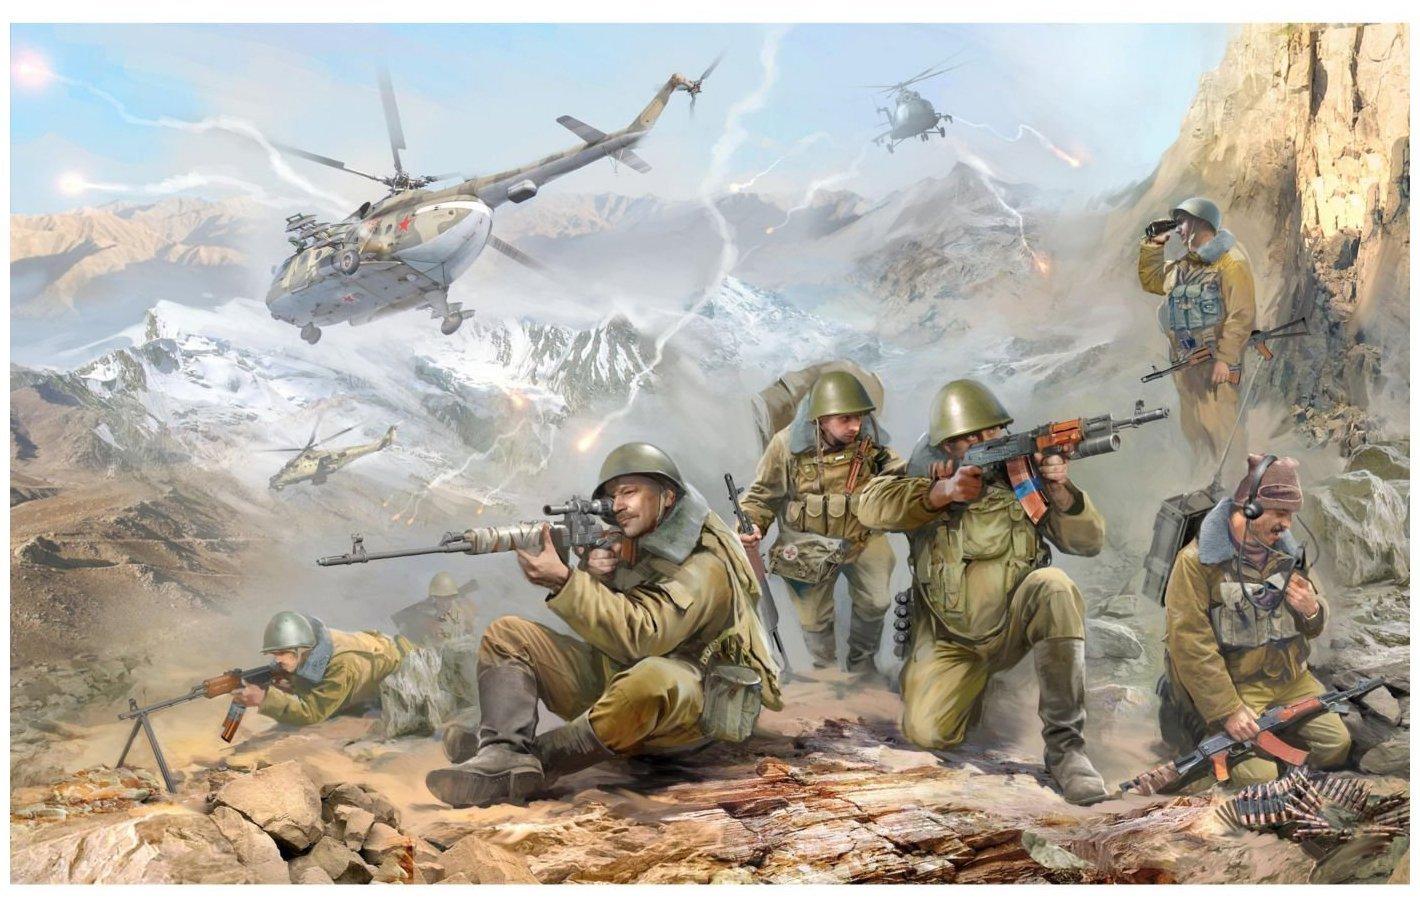 总规模超过北约各国总和?苏联特种部队曾如此强大让西方惊恐